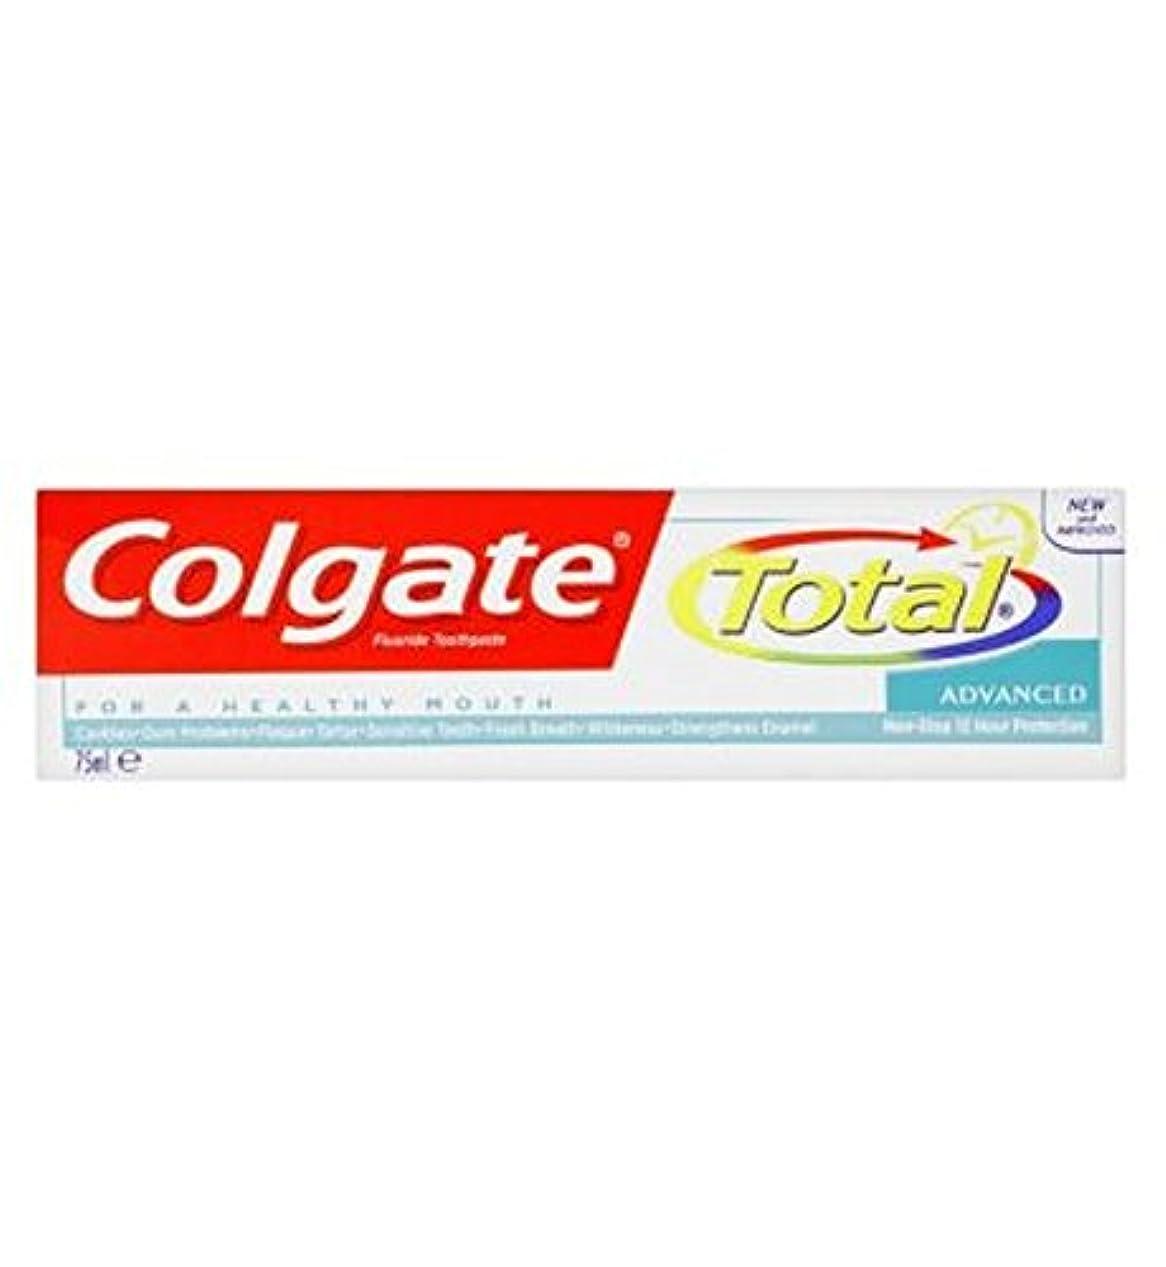 パテ落胆させる床を掃除するColgate Total Advanced toothpaste 75ml - コルゲートトータル高度な歯磨き粉75ミリリットル (Colgate) [並行輸入品]